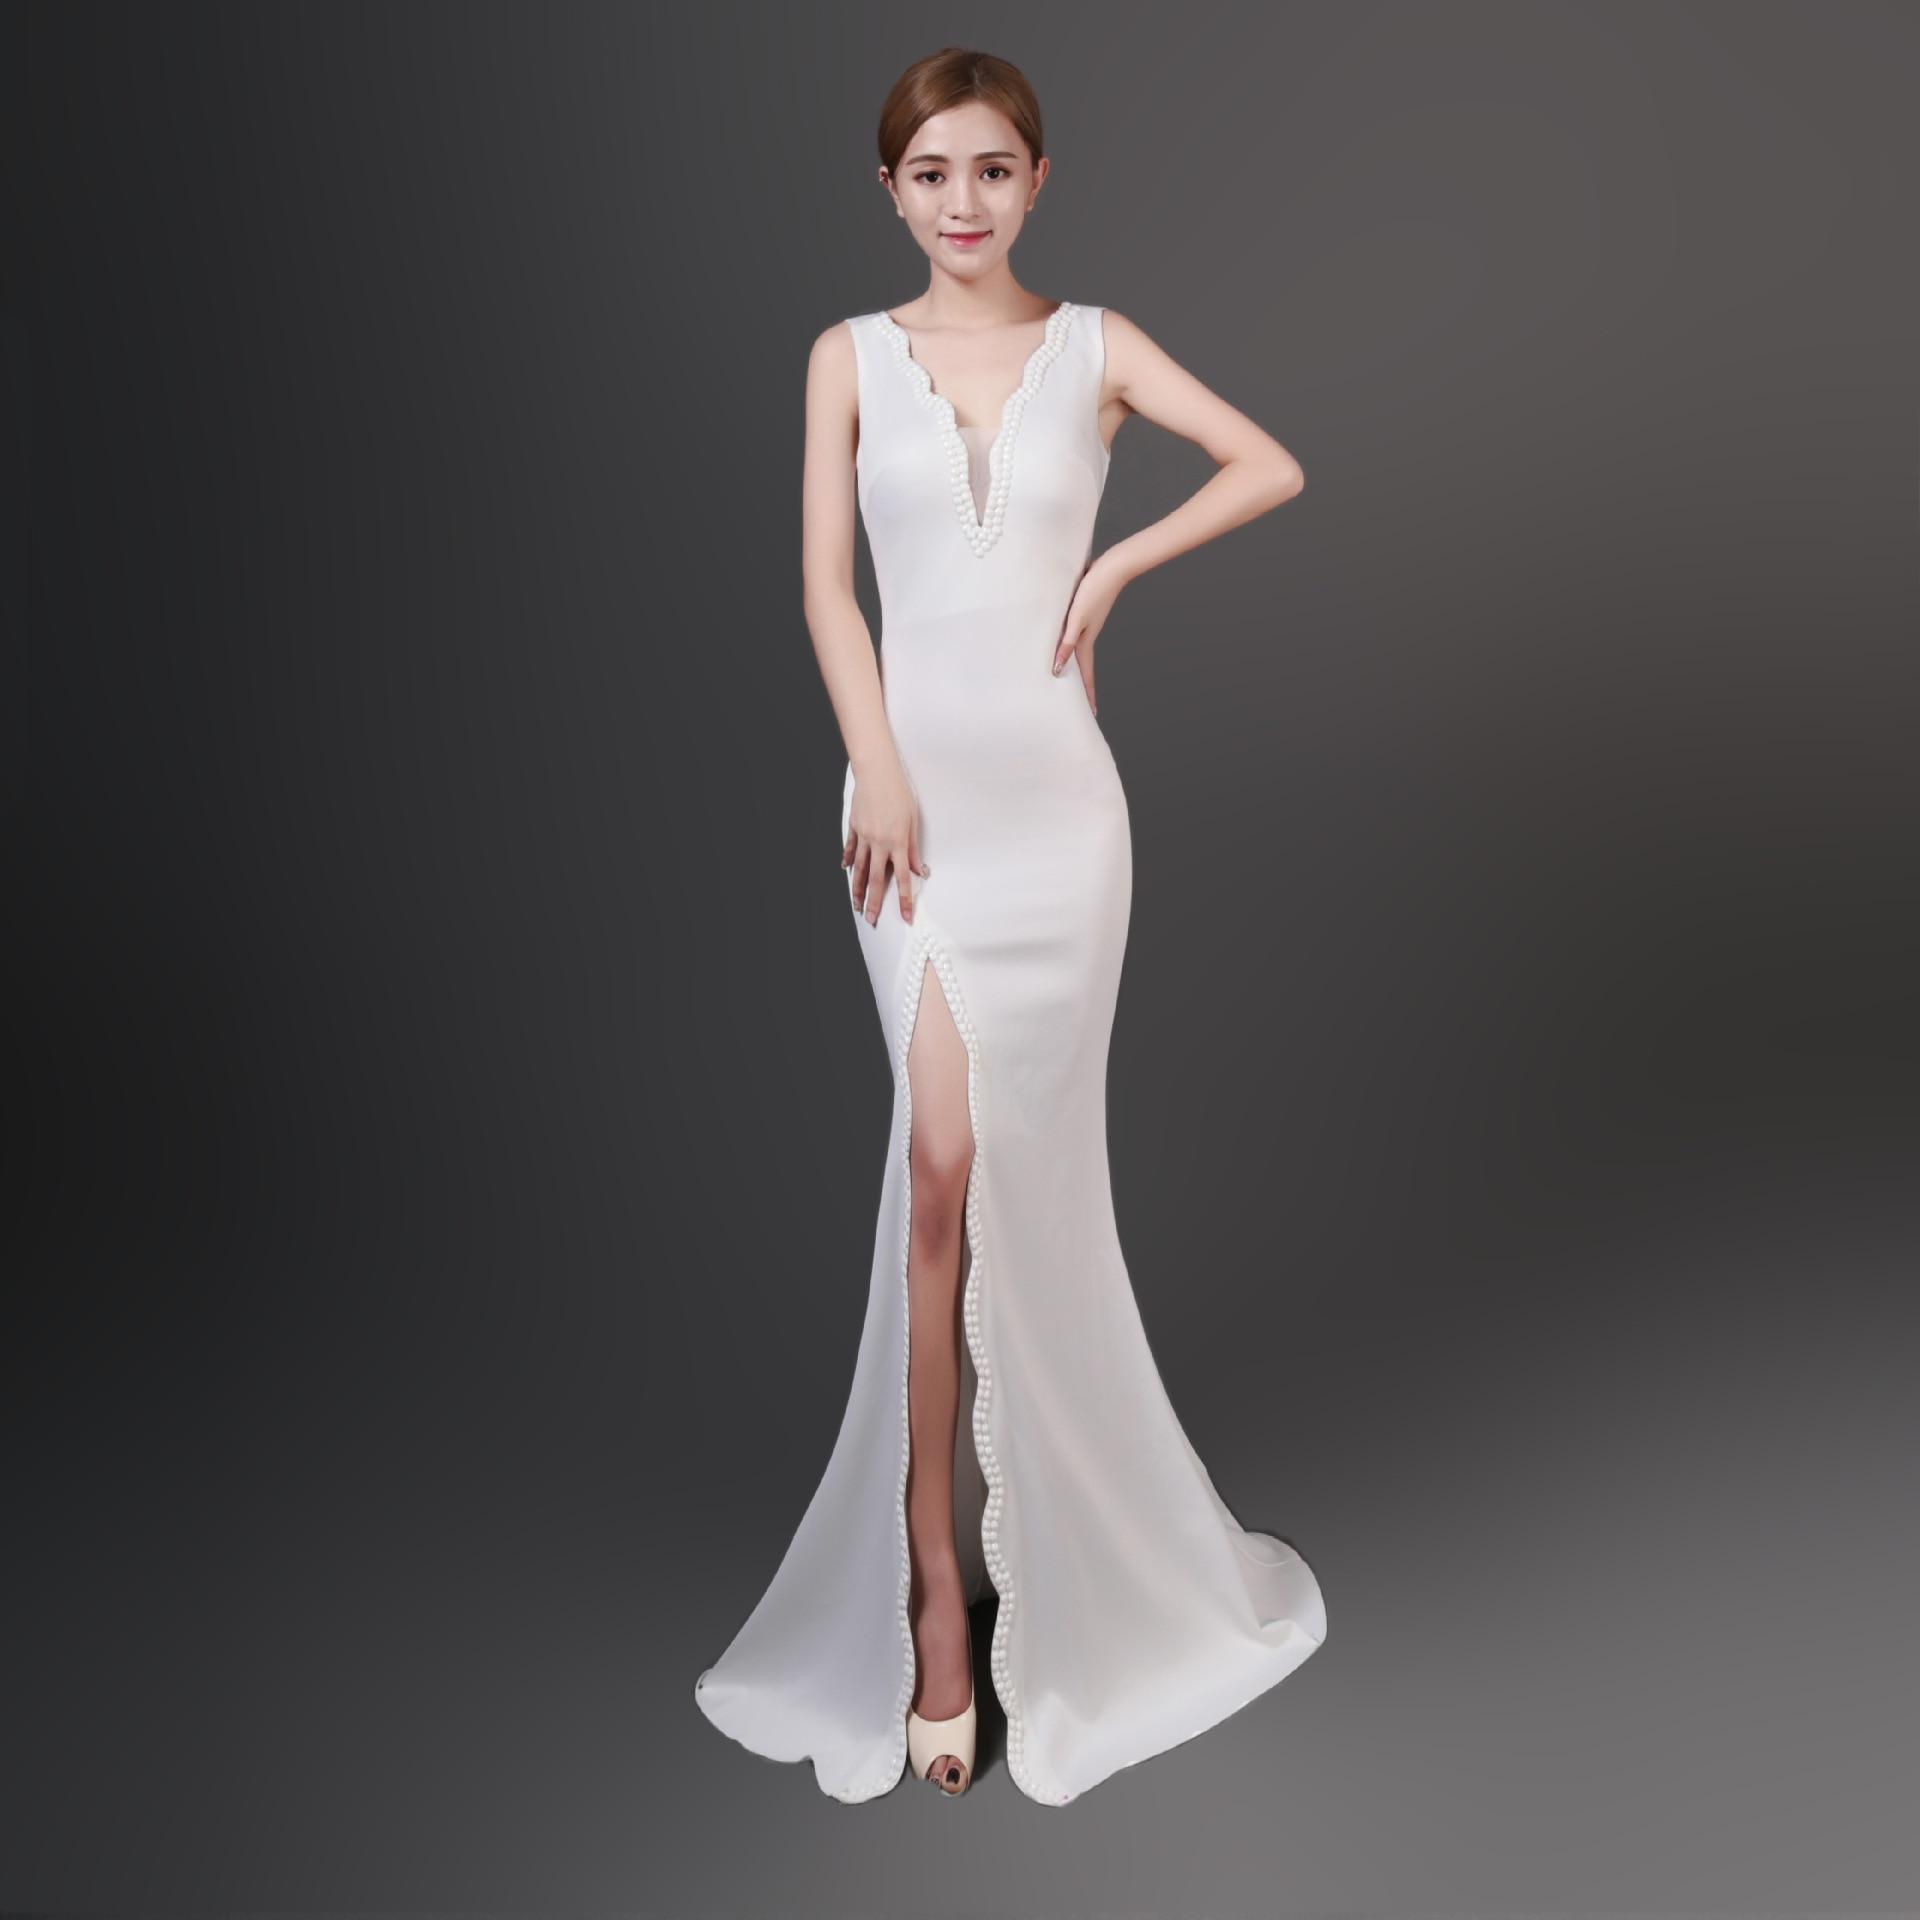 52d5a74c64 Blanco diamantes cuello V profunda sin mangas abierto dividido Formal  elegante mujer celebridad vestido de fiesta